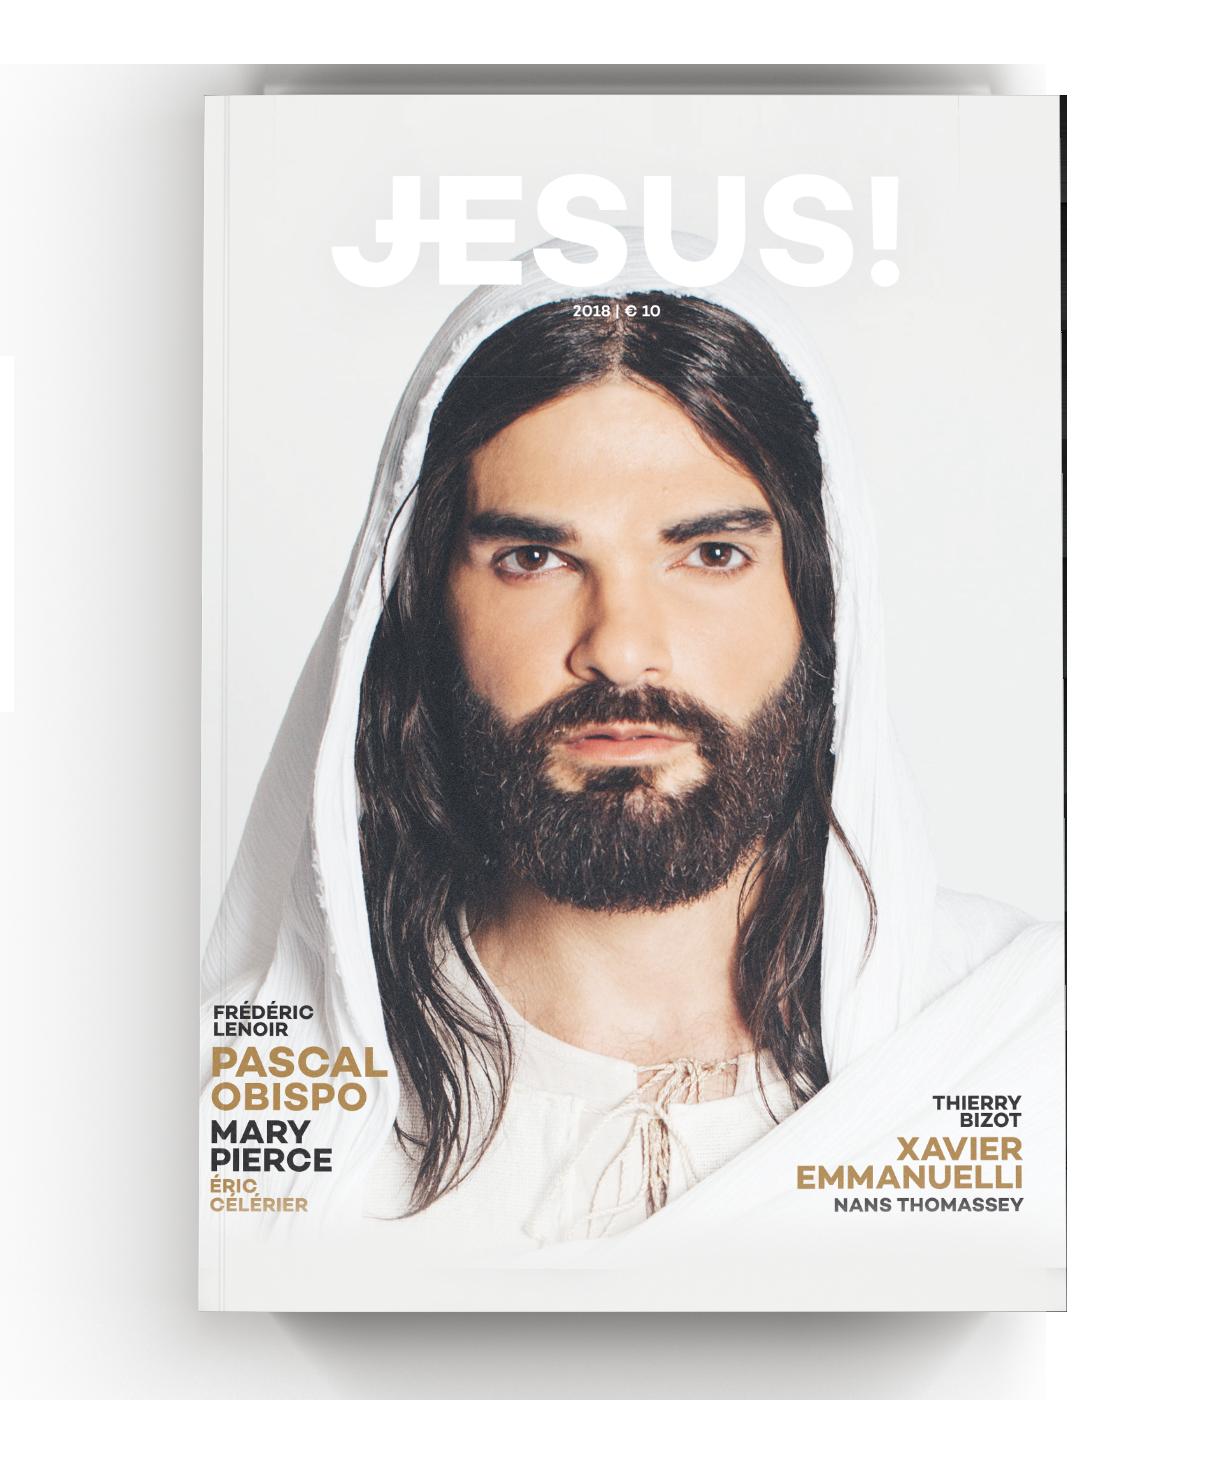 Après la comédie musicale, voici venir Jésus, le magazine qui met le Christ à la Une